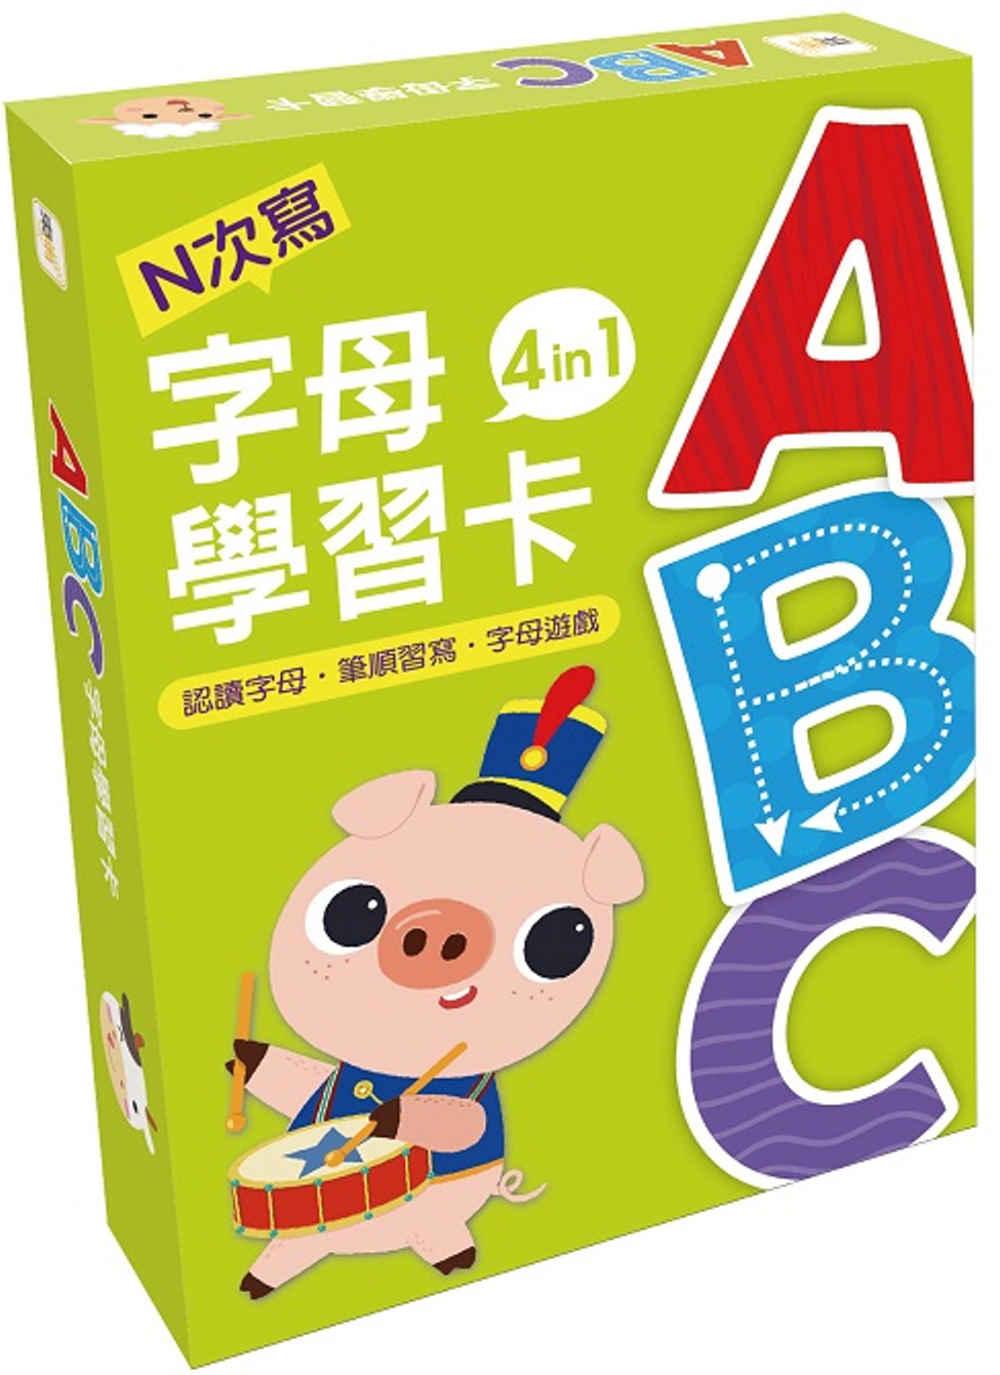 【兒童益智教具—N次寫】ABC字母學習卡 4 in 1